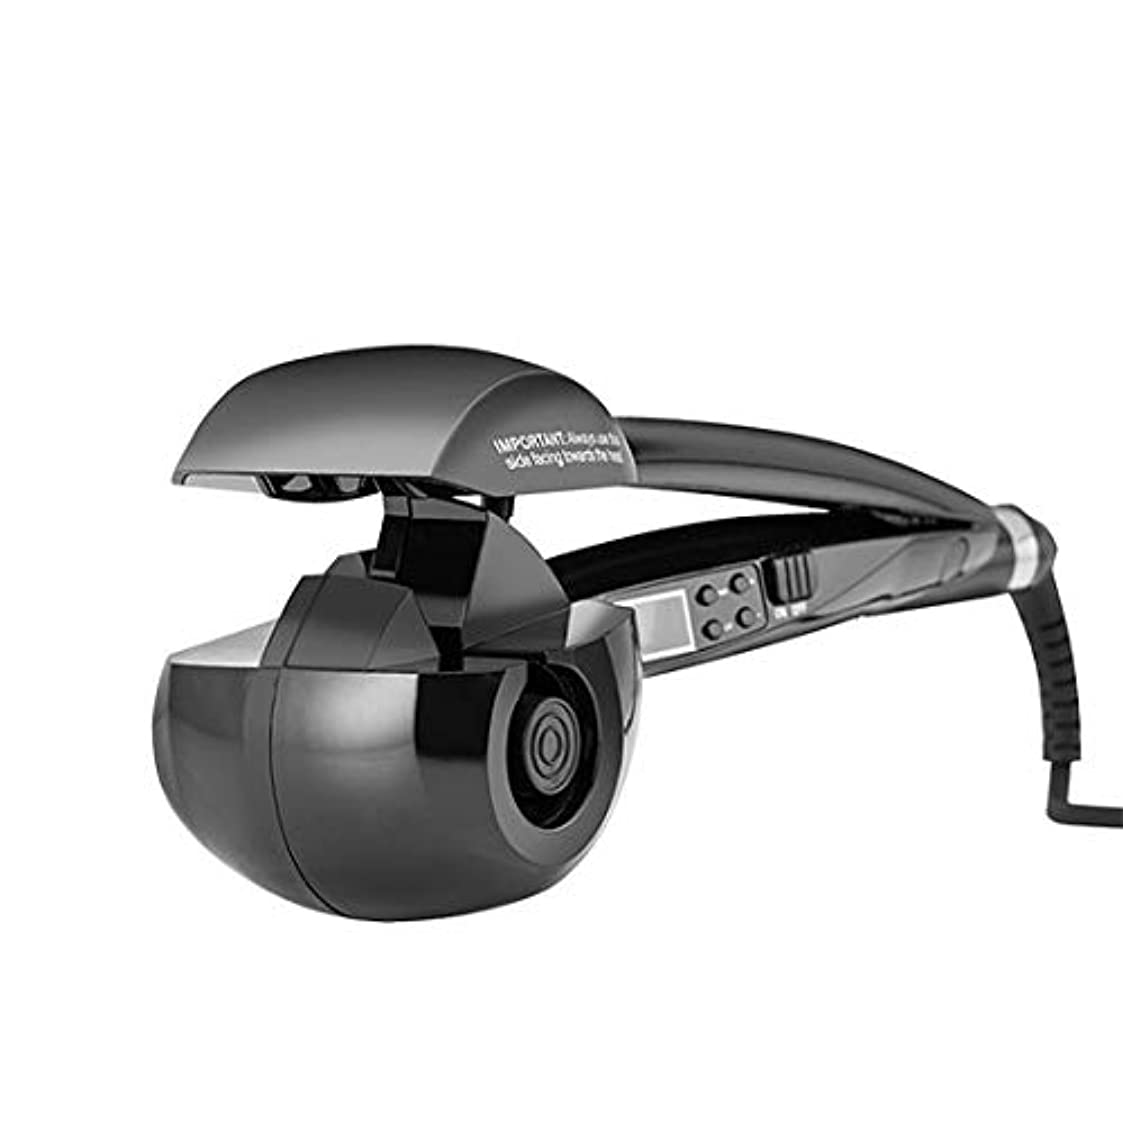 屈辱するどっちファブリック電動アニオンヘアカーラーアップグレードアイアン自動エアカーリングワンドセラミック回転カーラーヘアスタイリングツールカーラー